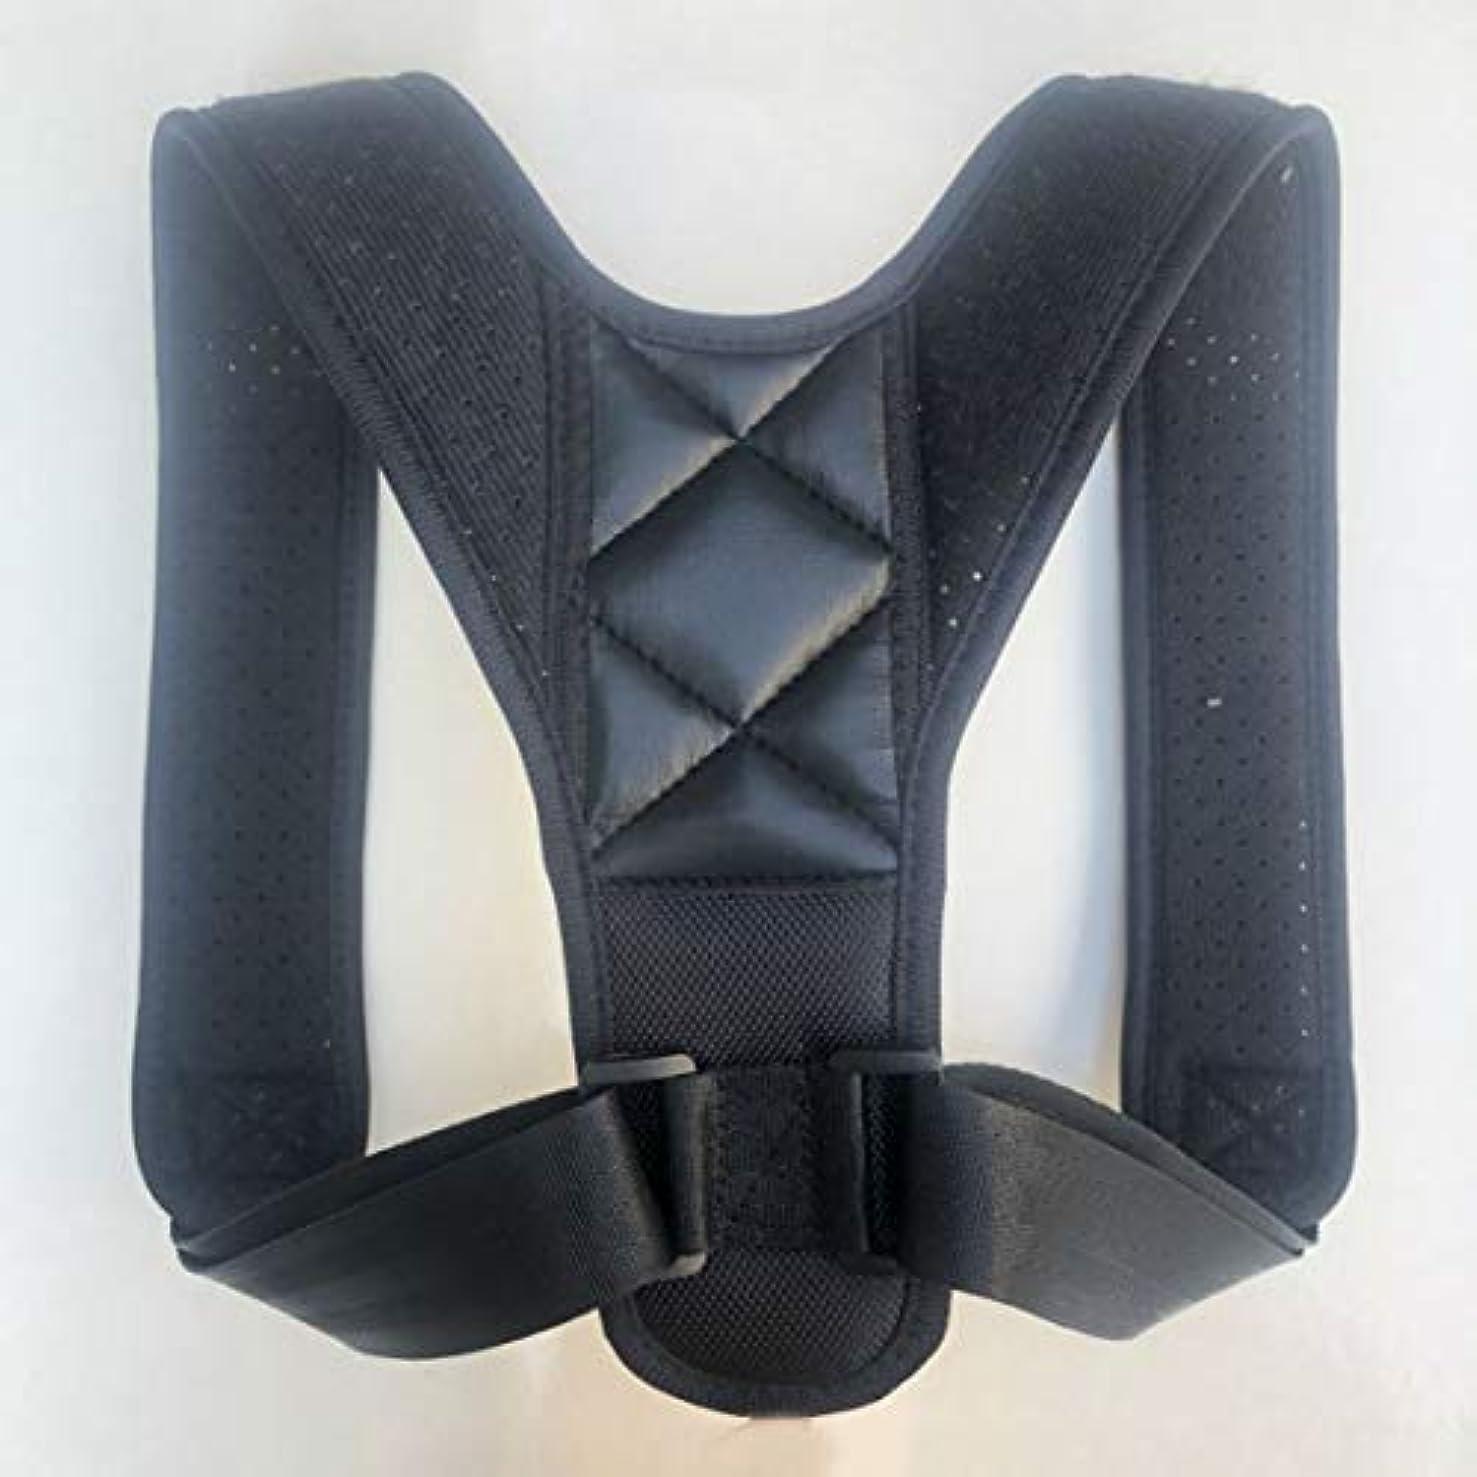 マトロンレクリエーション所属アッパーバックポスチャーコレクター姿勢鎖骨サポートコレクターバックストレートショルダーブレースストラップコレクター - ブラック